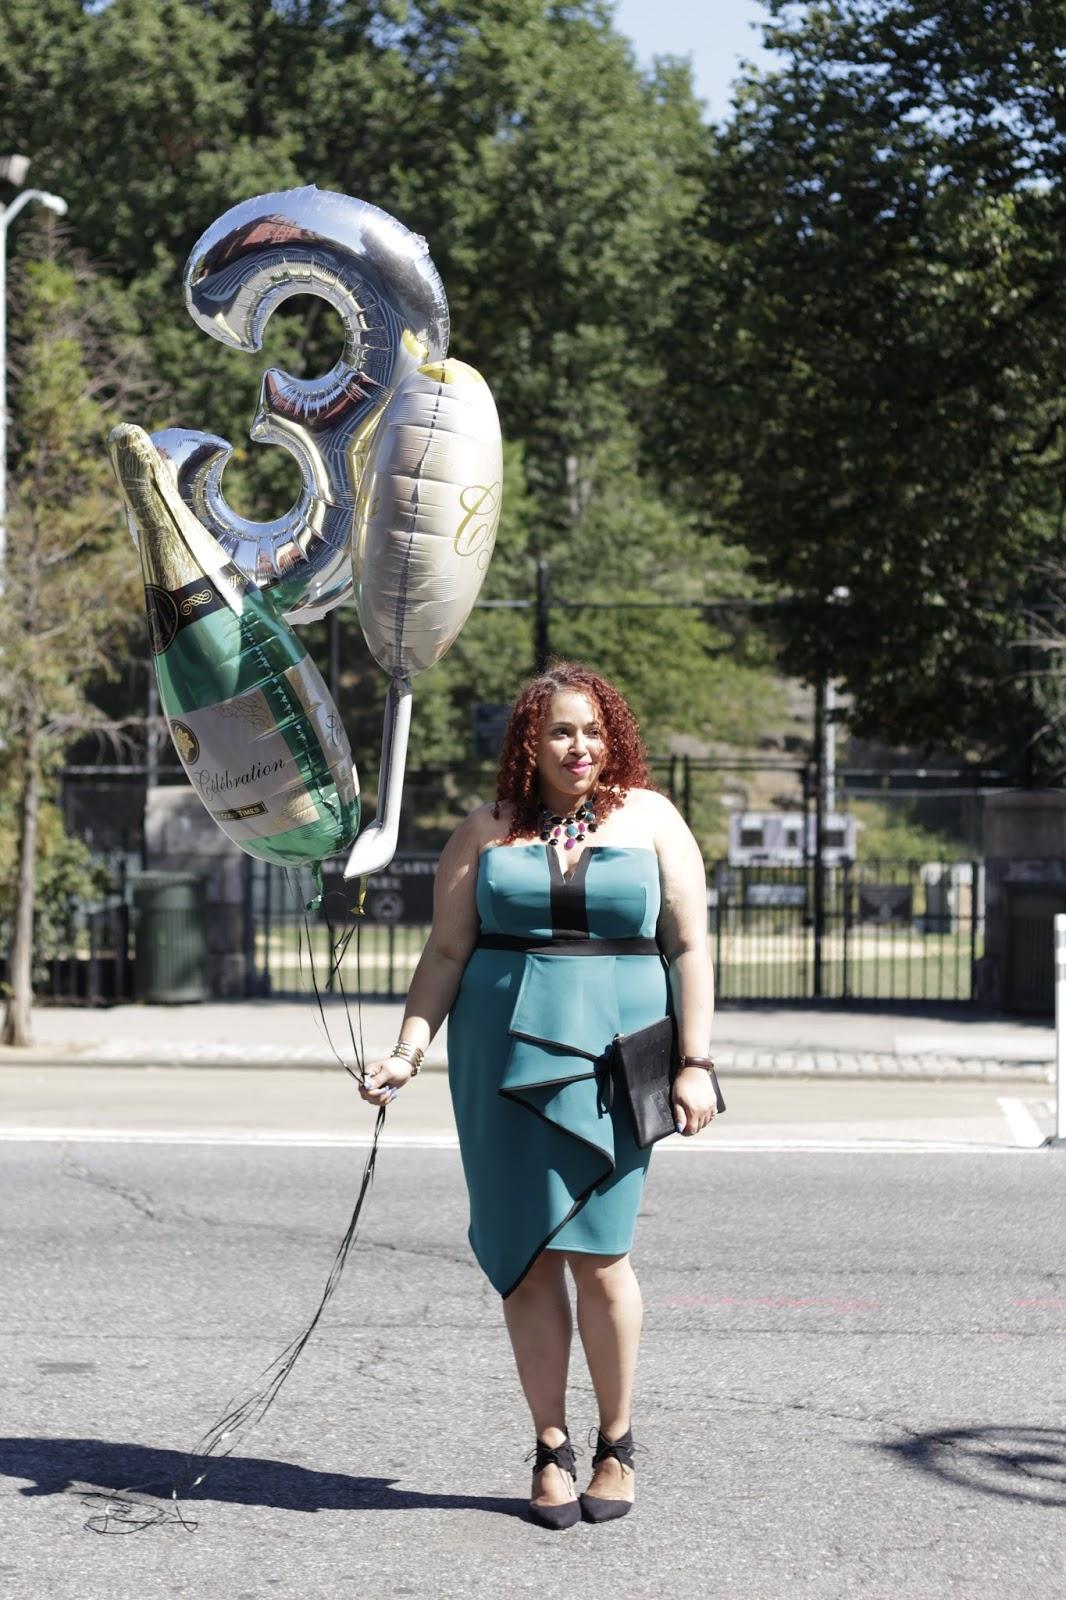 cc4df77671b ... her favorite plus size ... AFMSwimSquad Sandra - La. La Pecosa Preciosa  Turns 3  Fashion to Figure Giveaway!